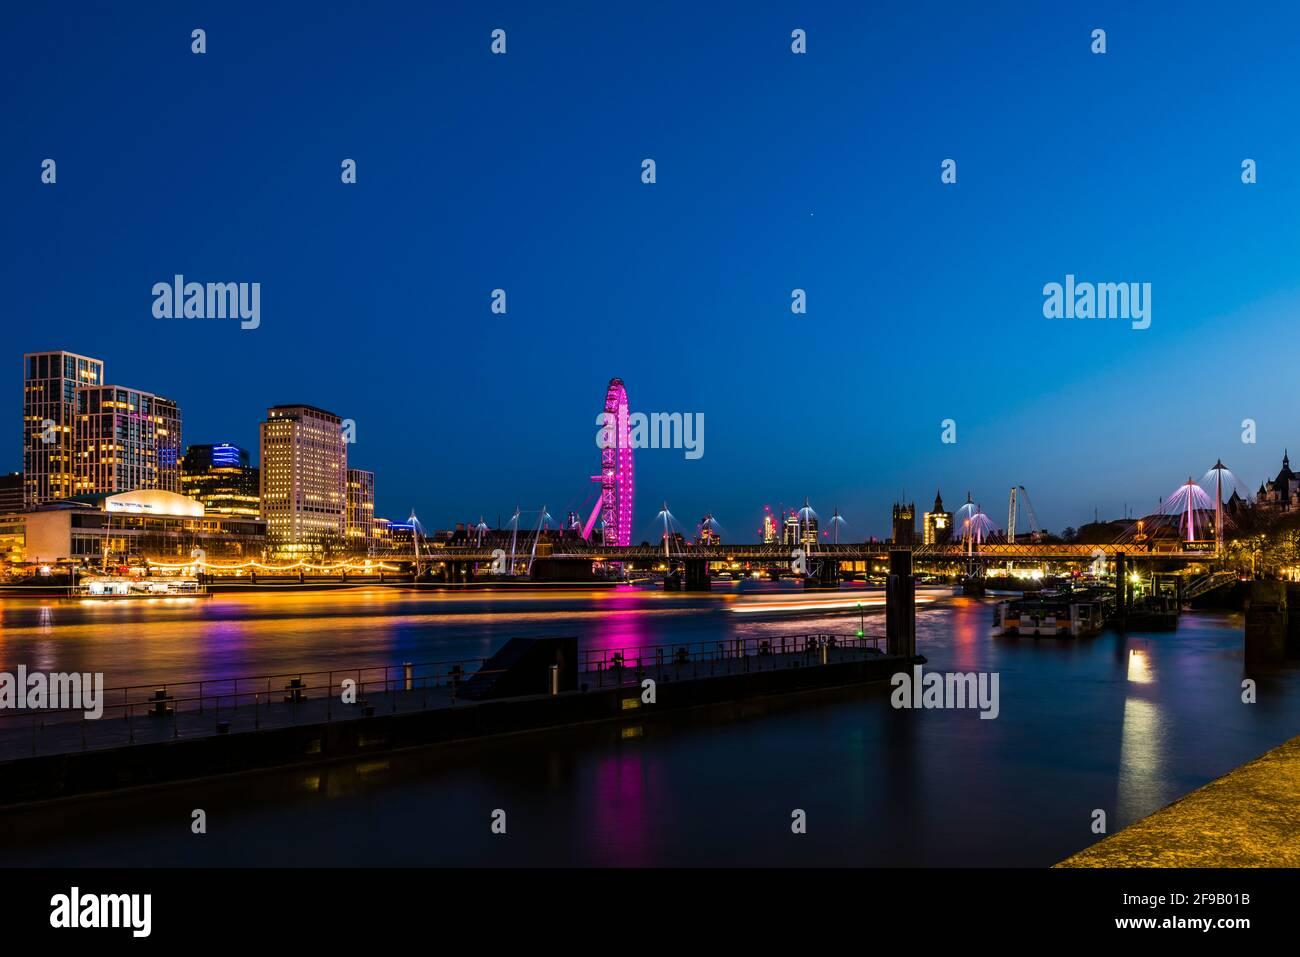 Luces y senderos para barcos en los puentes Hungerford y Golden Jubilee al atardecer, Londres, Reino Unido Foto de stock